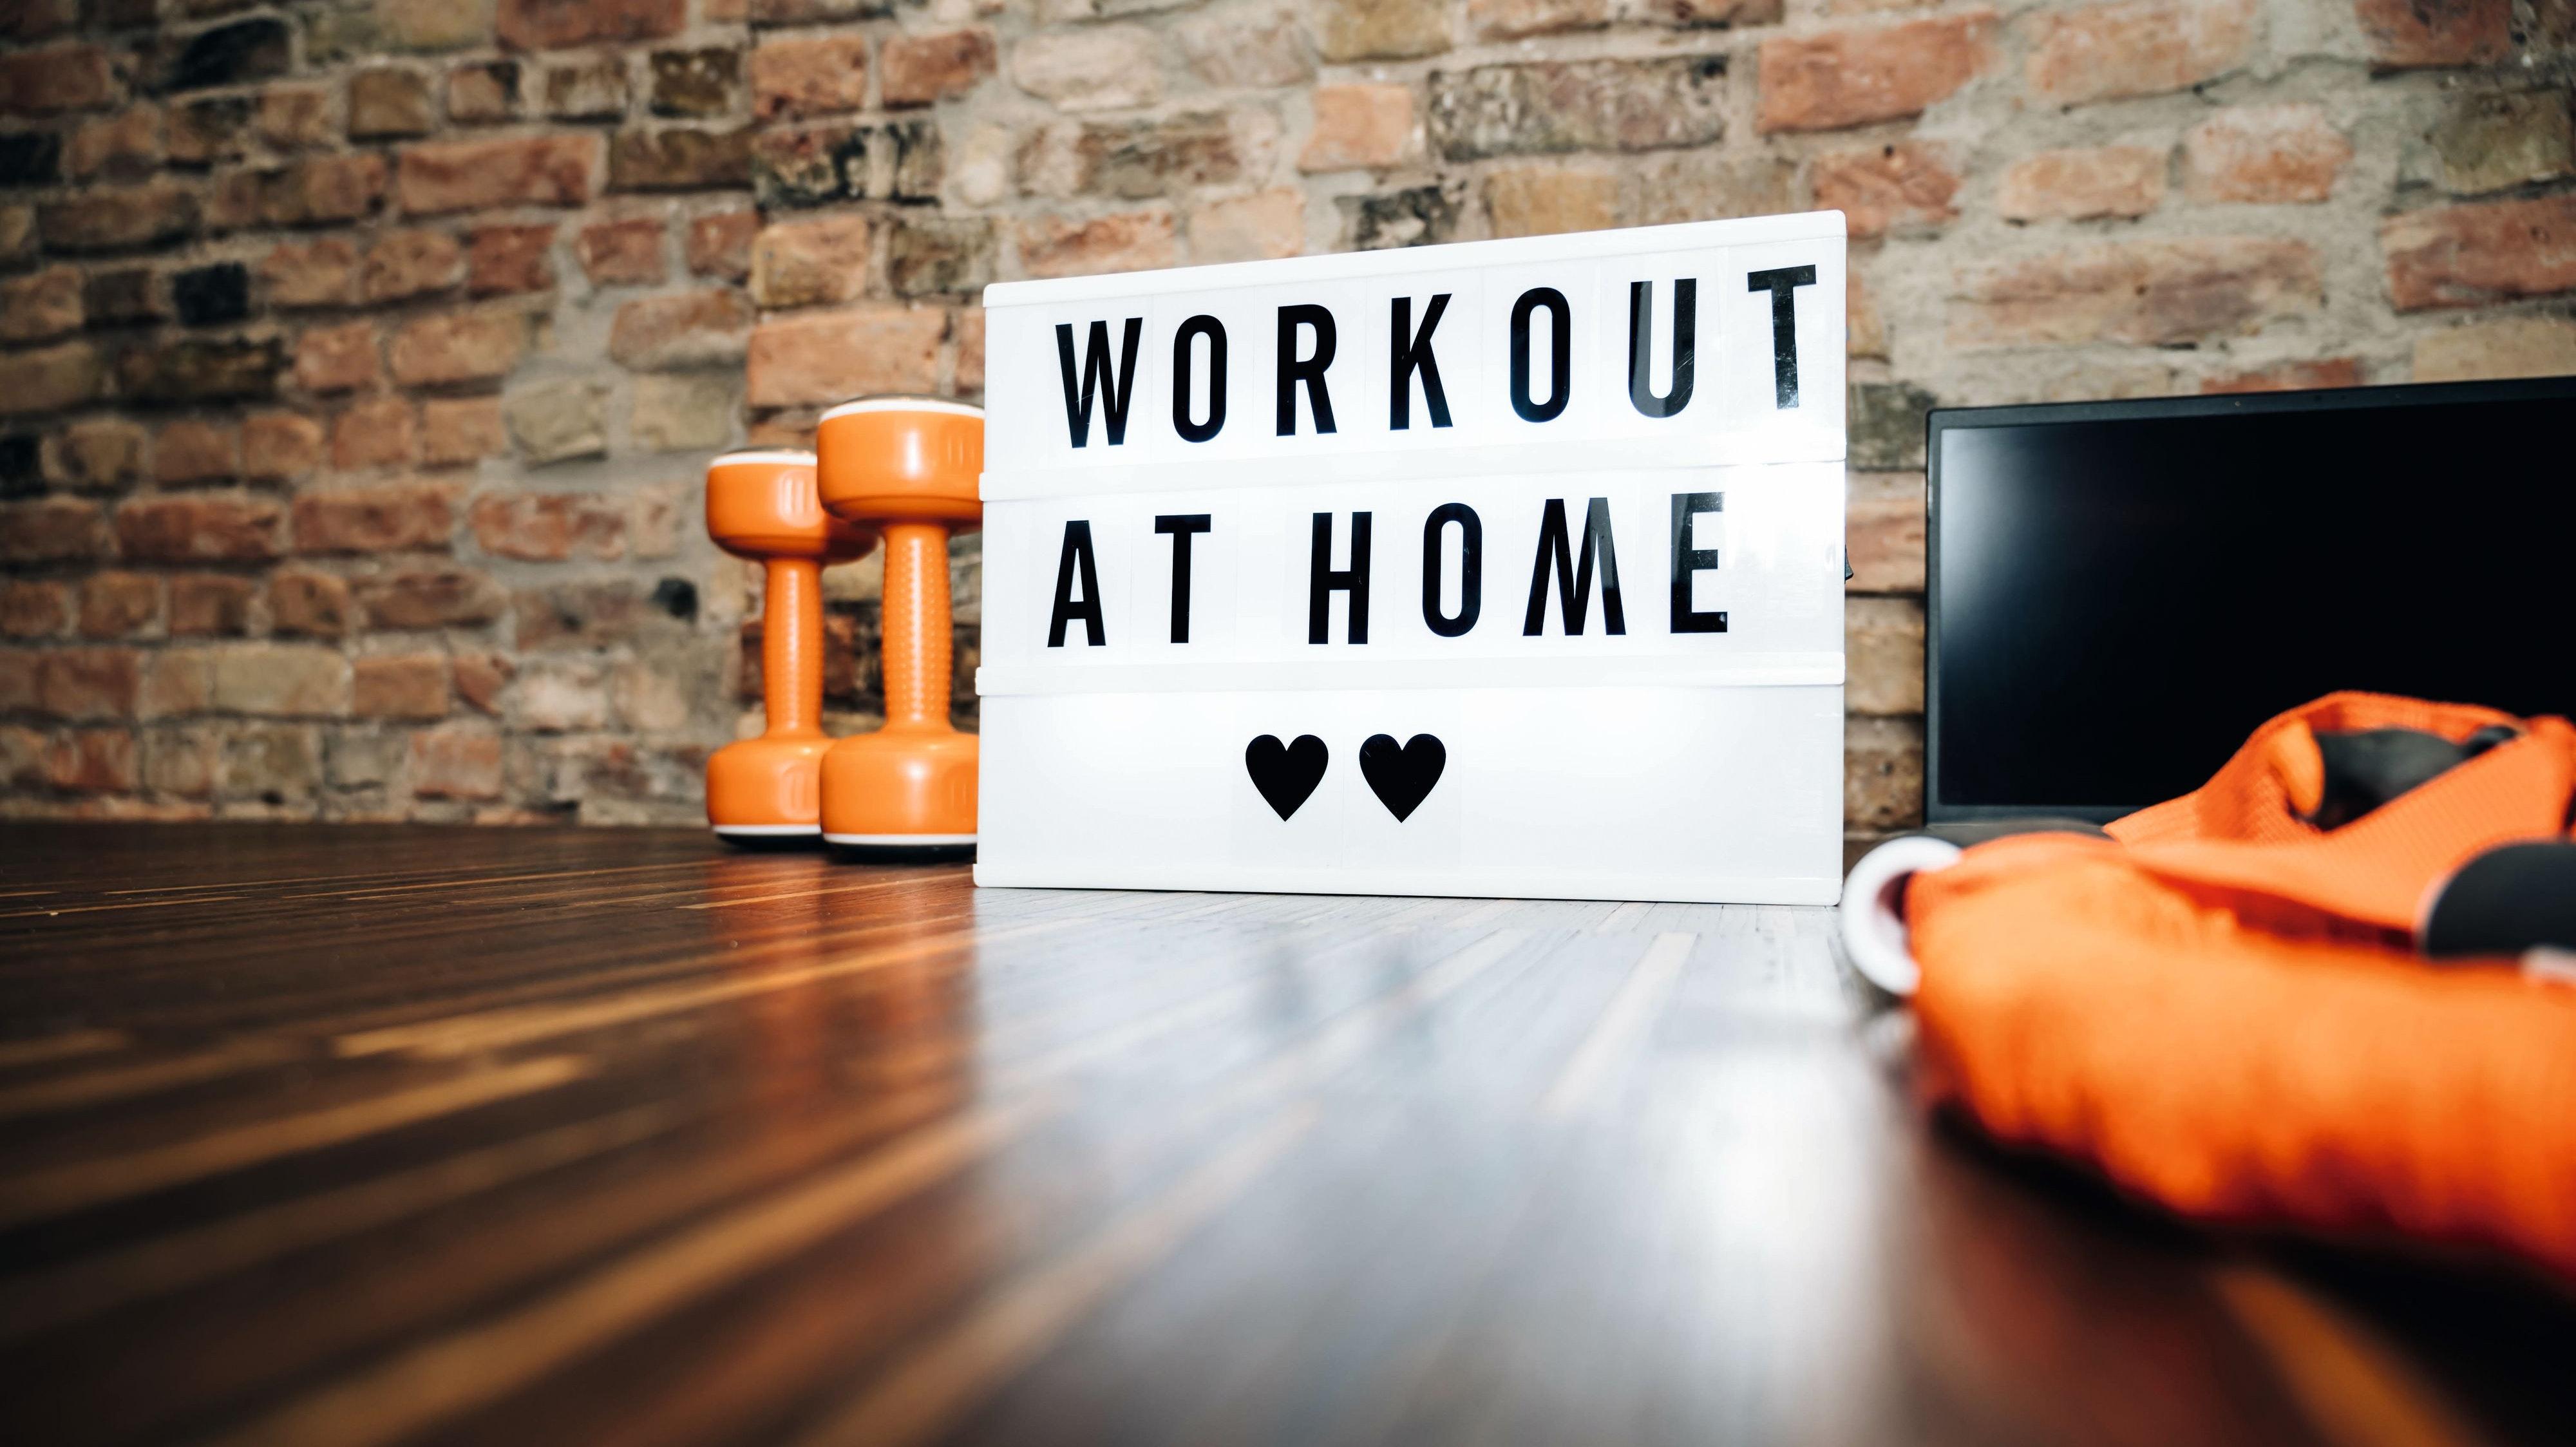 Immer mehr Menschen machen während der Corona-Pandemie ihr Zuhause zum Fitnessstudio. (Foto: stock.adobe.com/Reda)